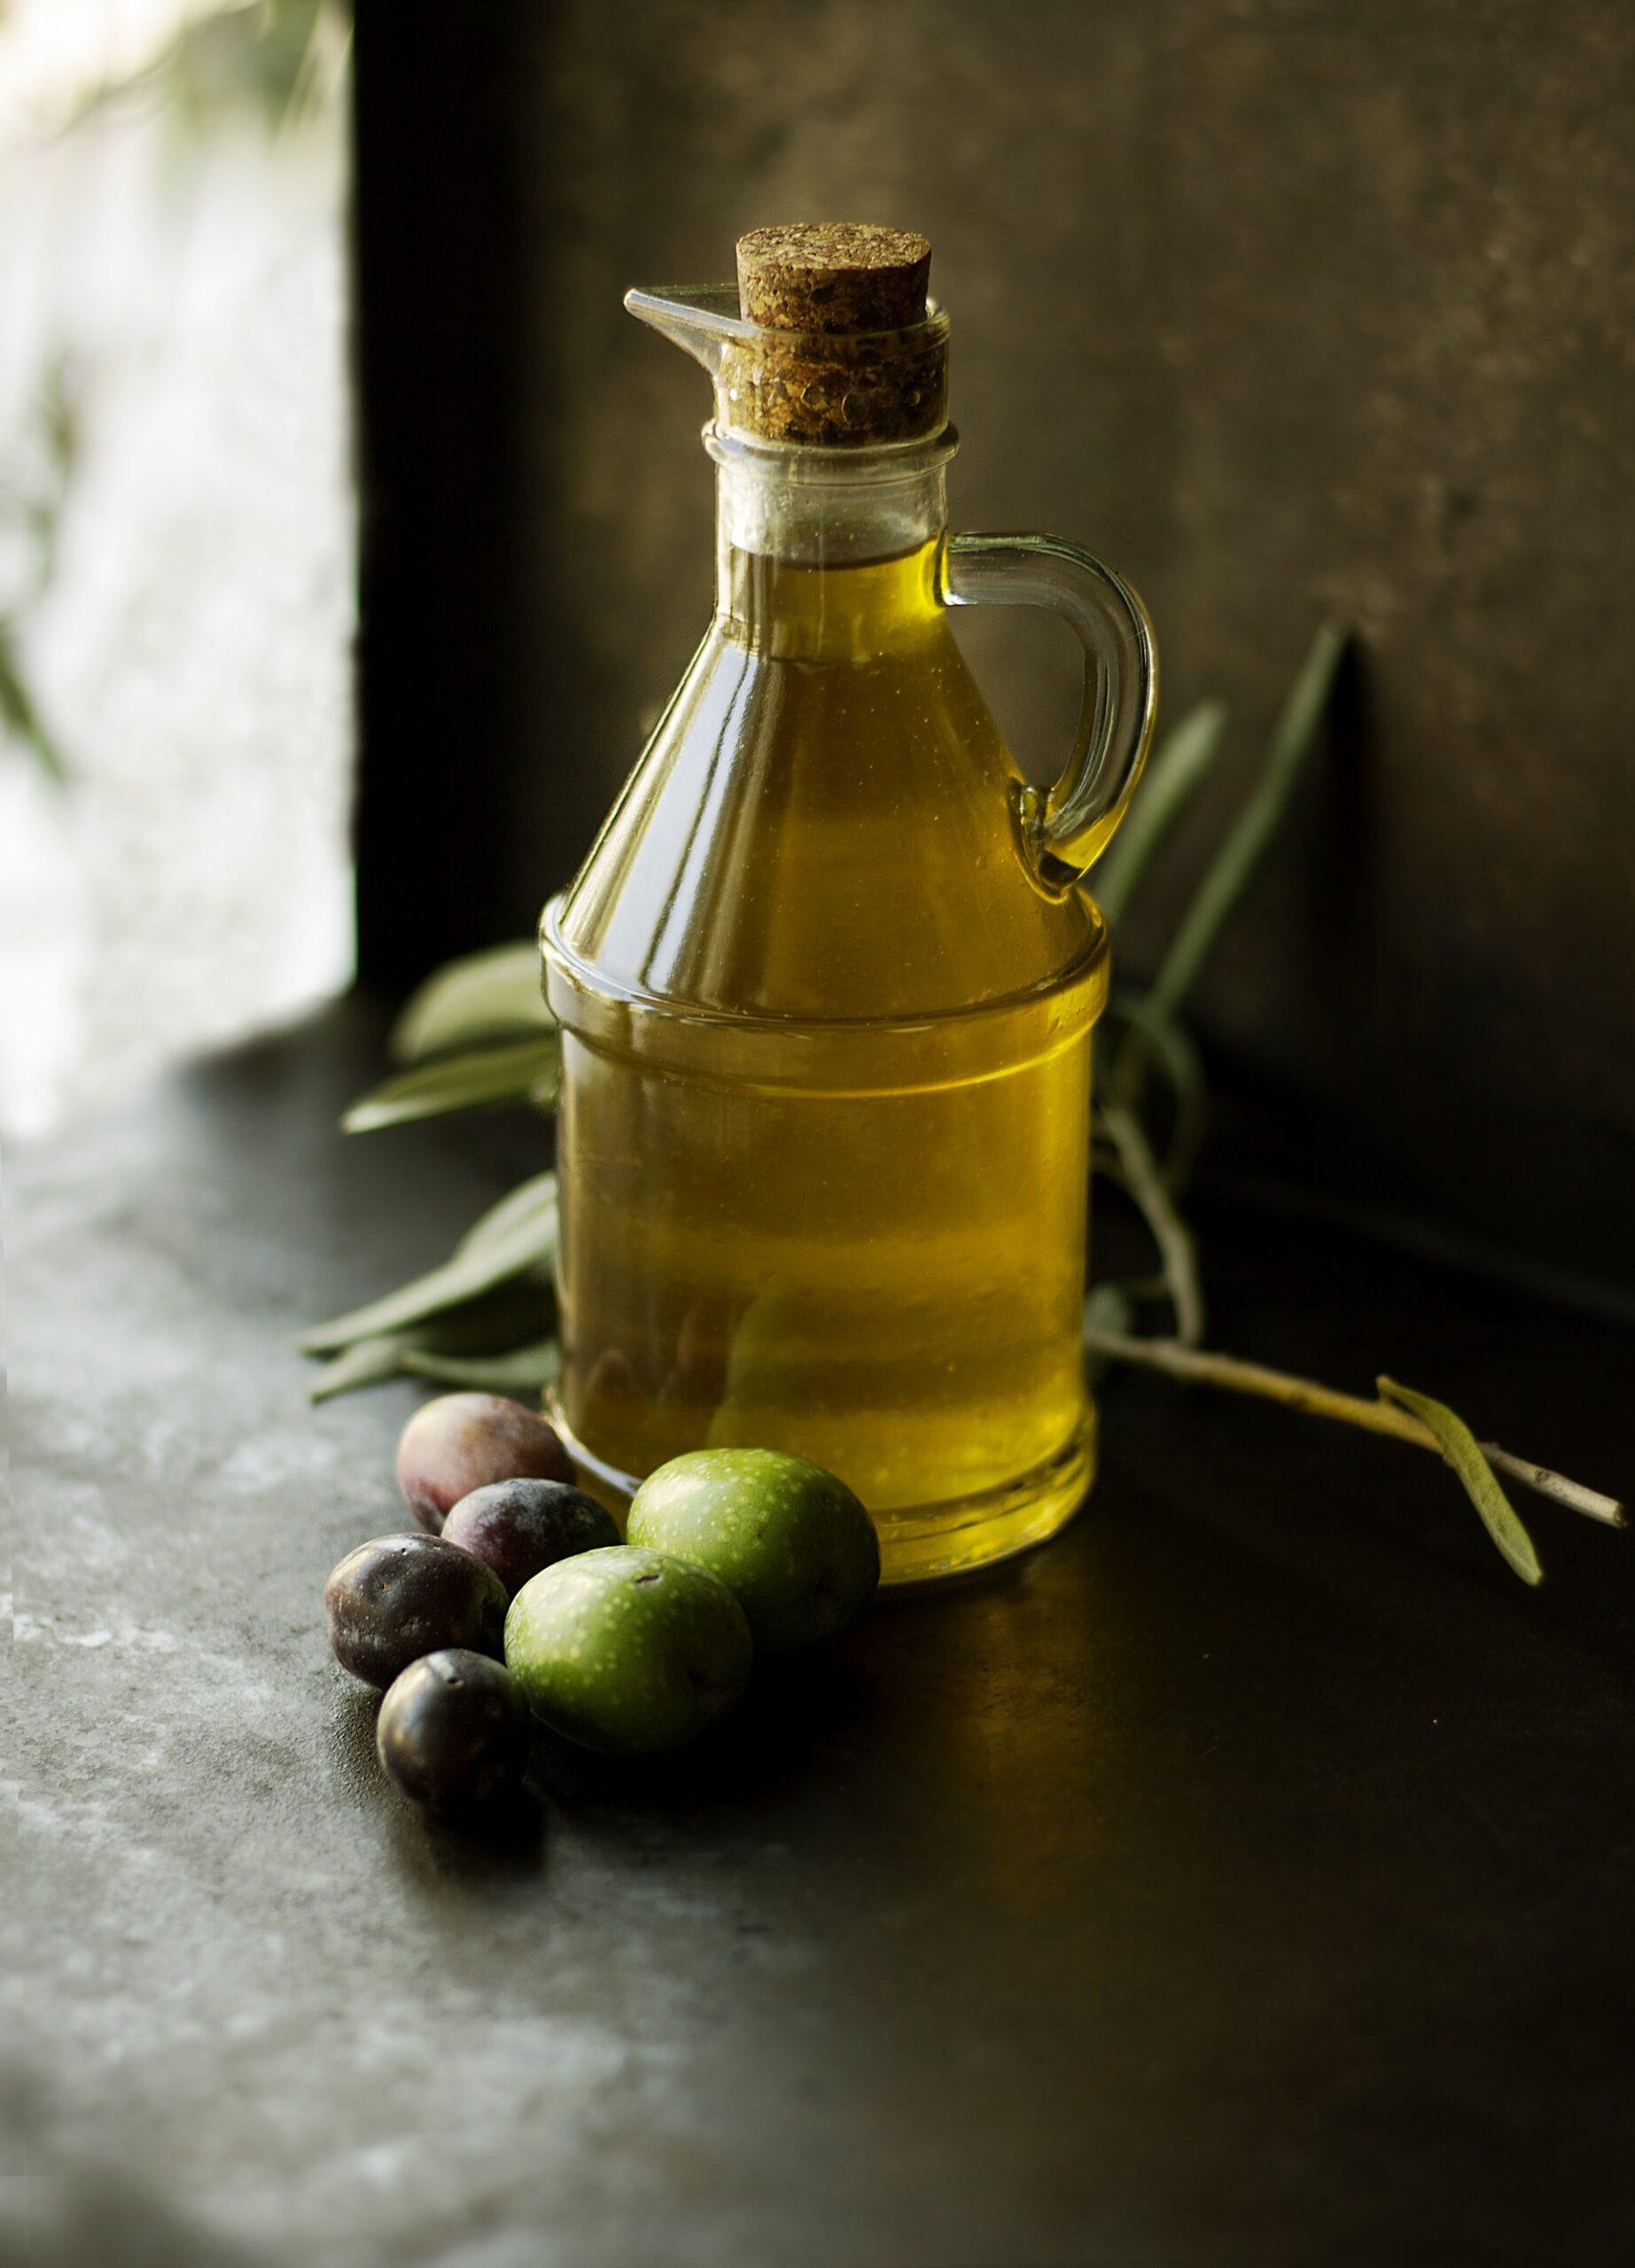 jar of olive oil with olives